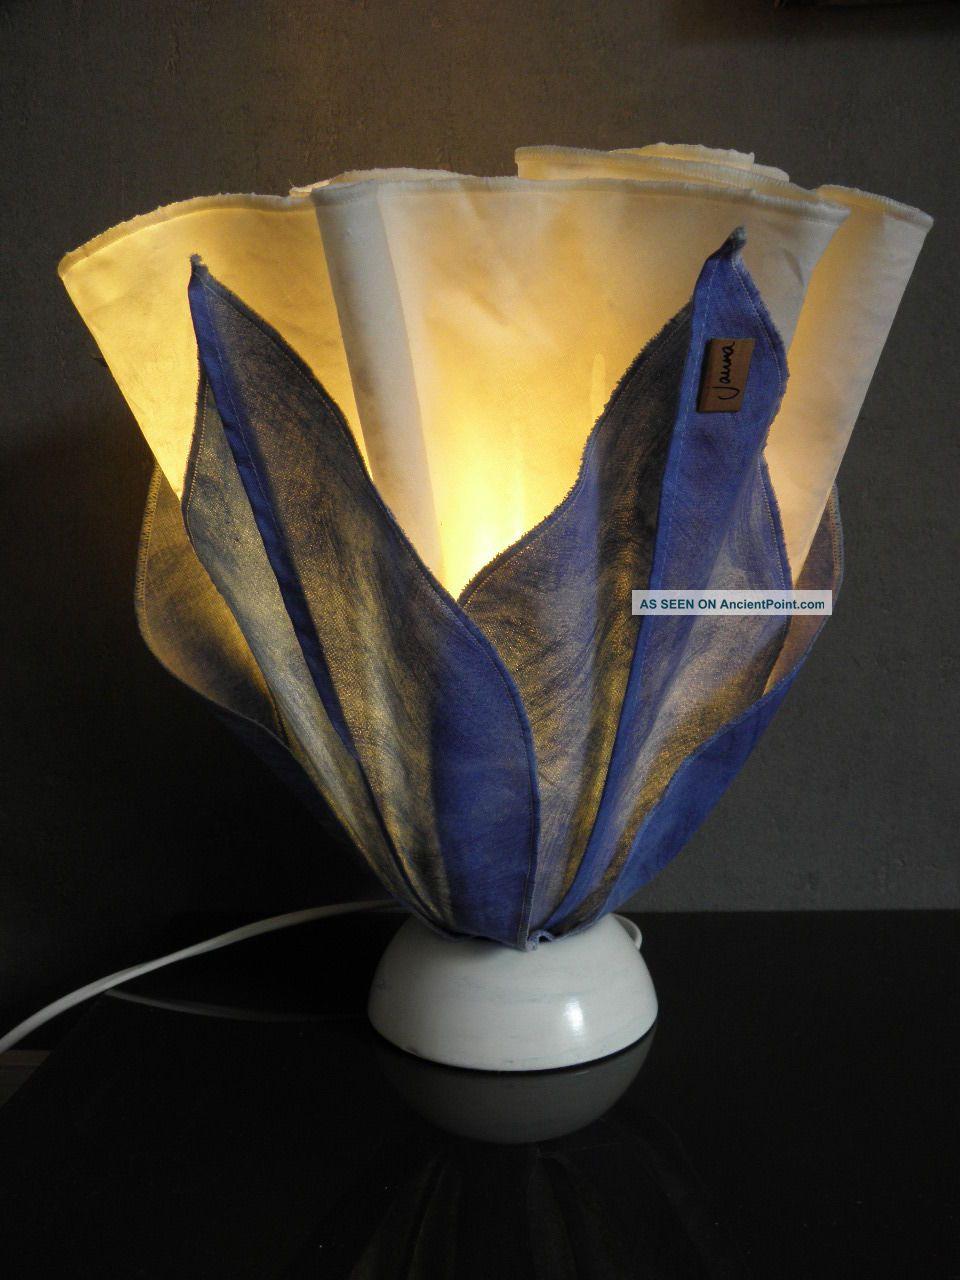 ... Lights Design Modernist Lampe Vintage Mid-Century Modernism photo